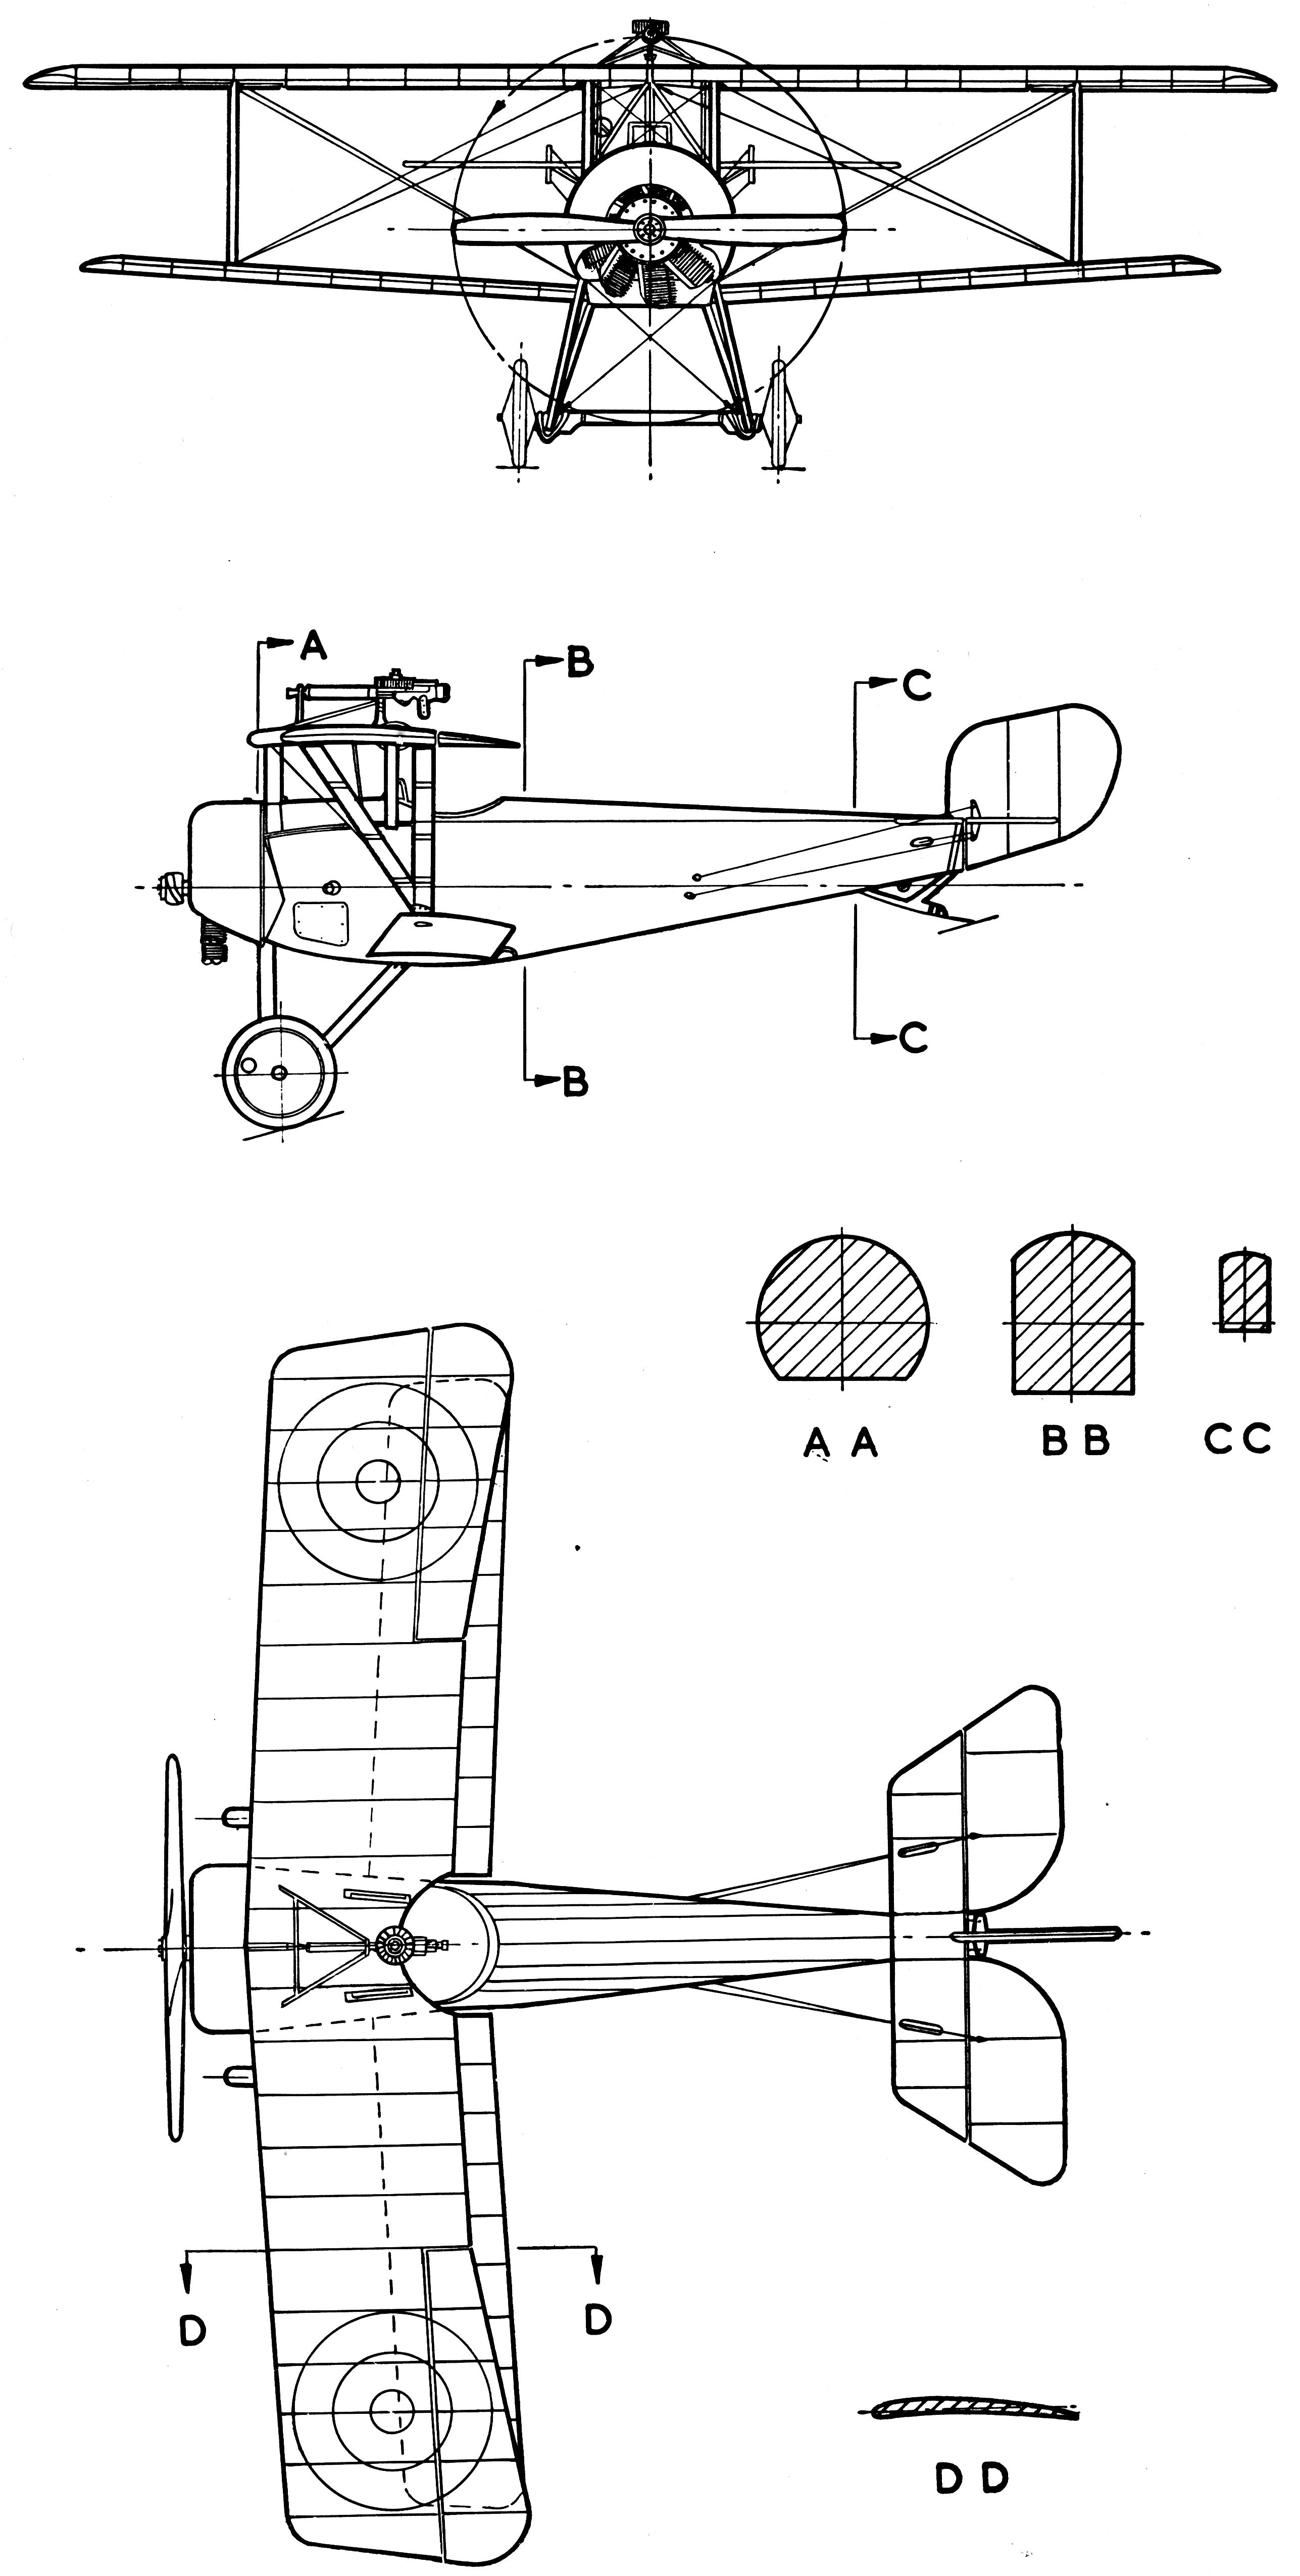 Nieuport 11 blueprint